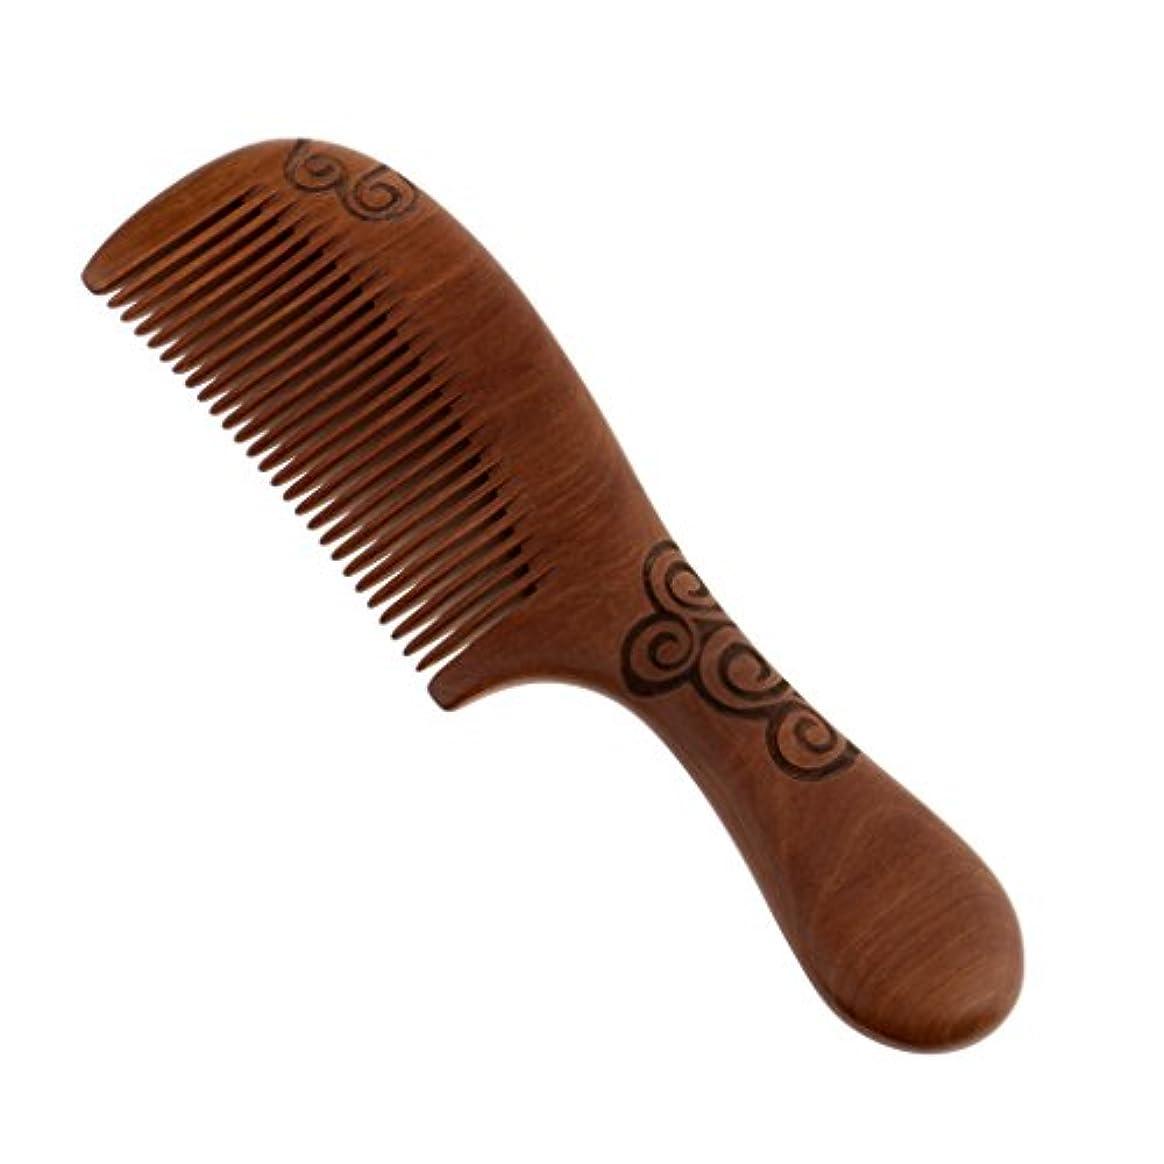 咳インク反響するT TOOYFUL 櫛 コーム くし コーム ヘアコーム 木製 ヘア櫛 頭皮マッサージ 耐熱性 帯電防止